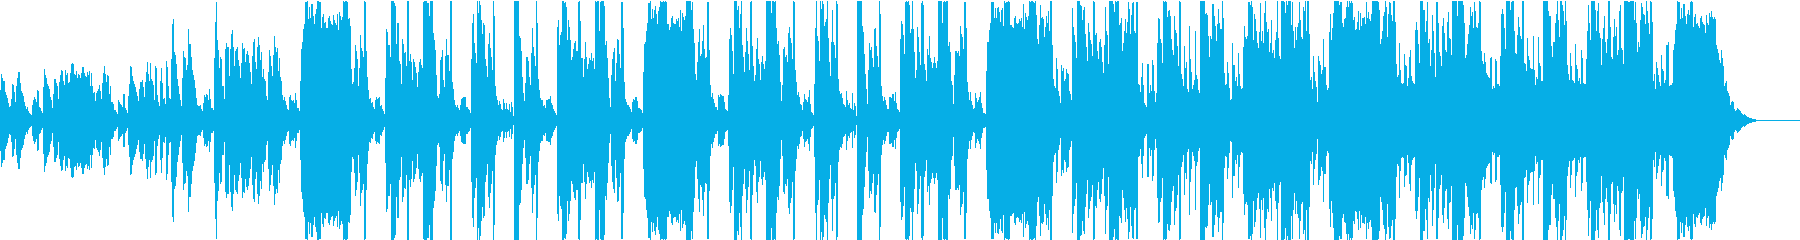 緊迫感のあるヒップホップ ショート版の再生済みの波形